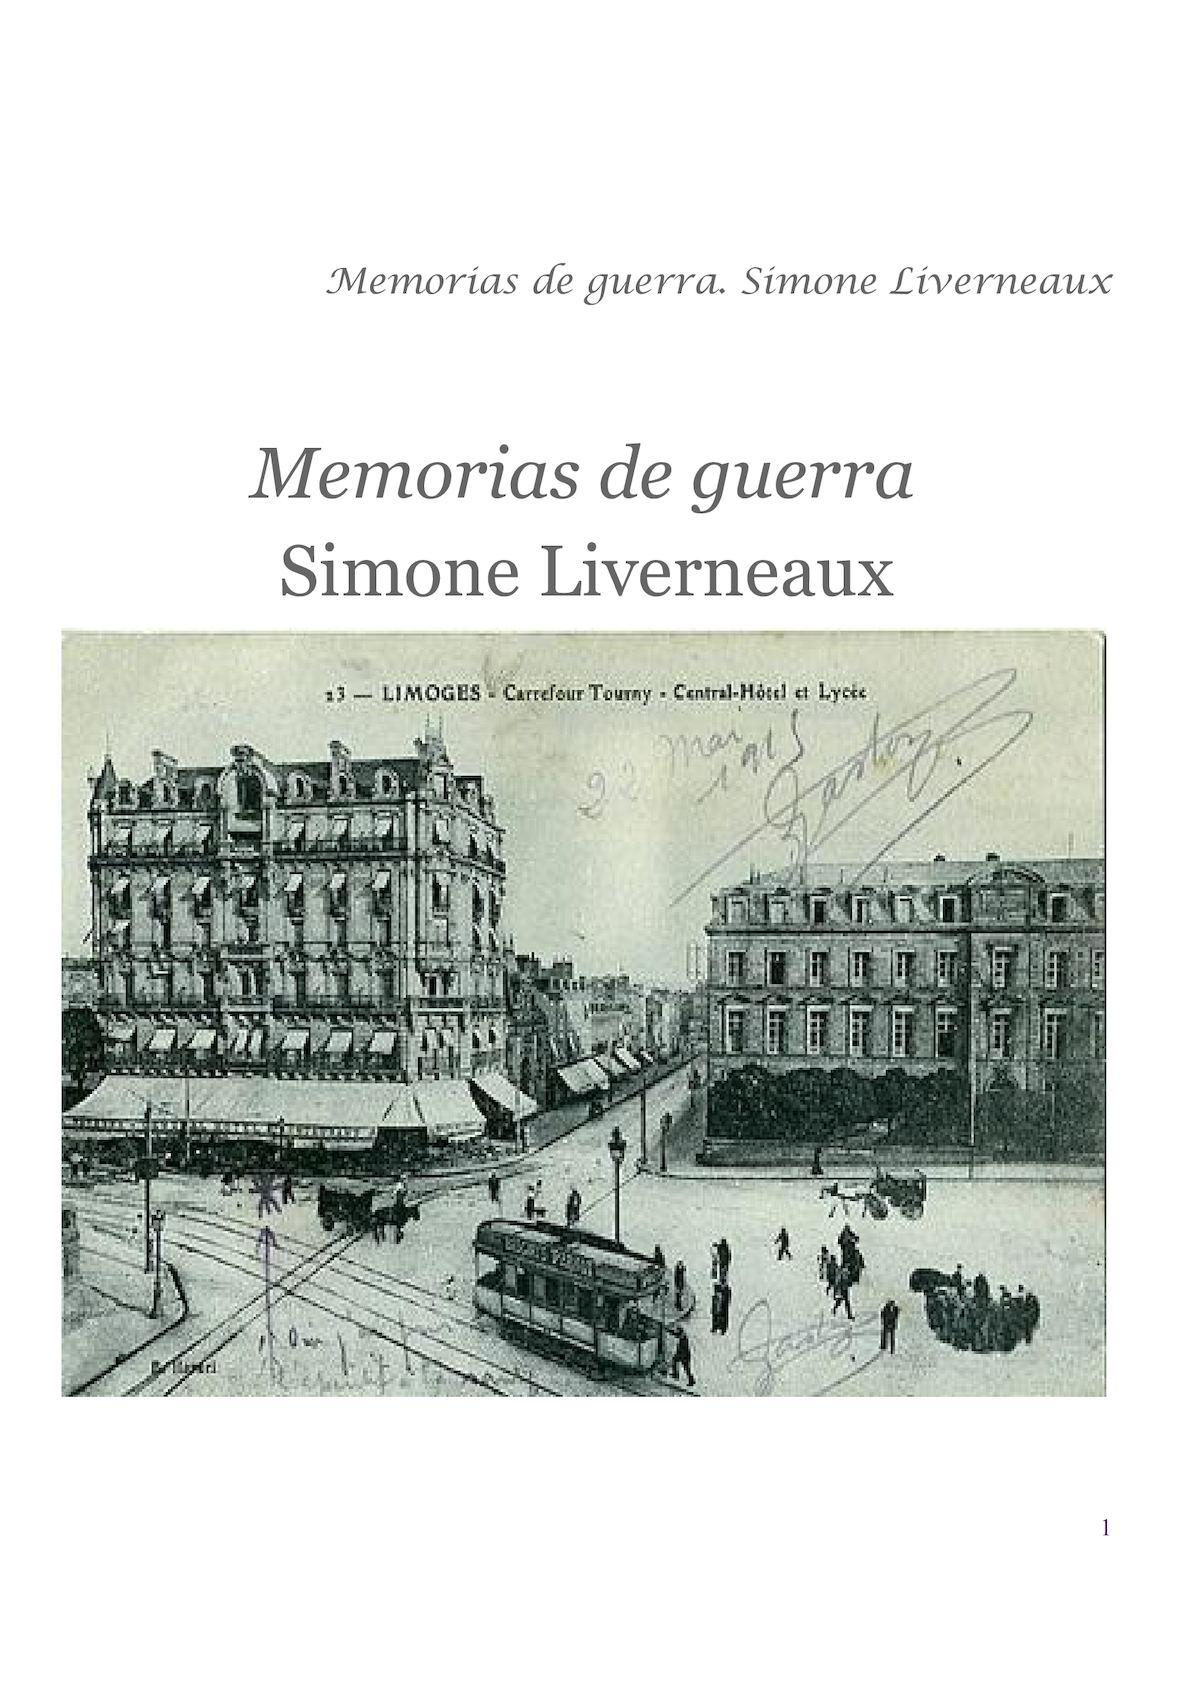 Memorias Guerra Simone Liverneaux